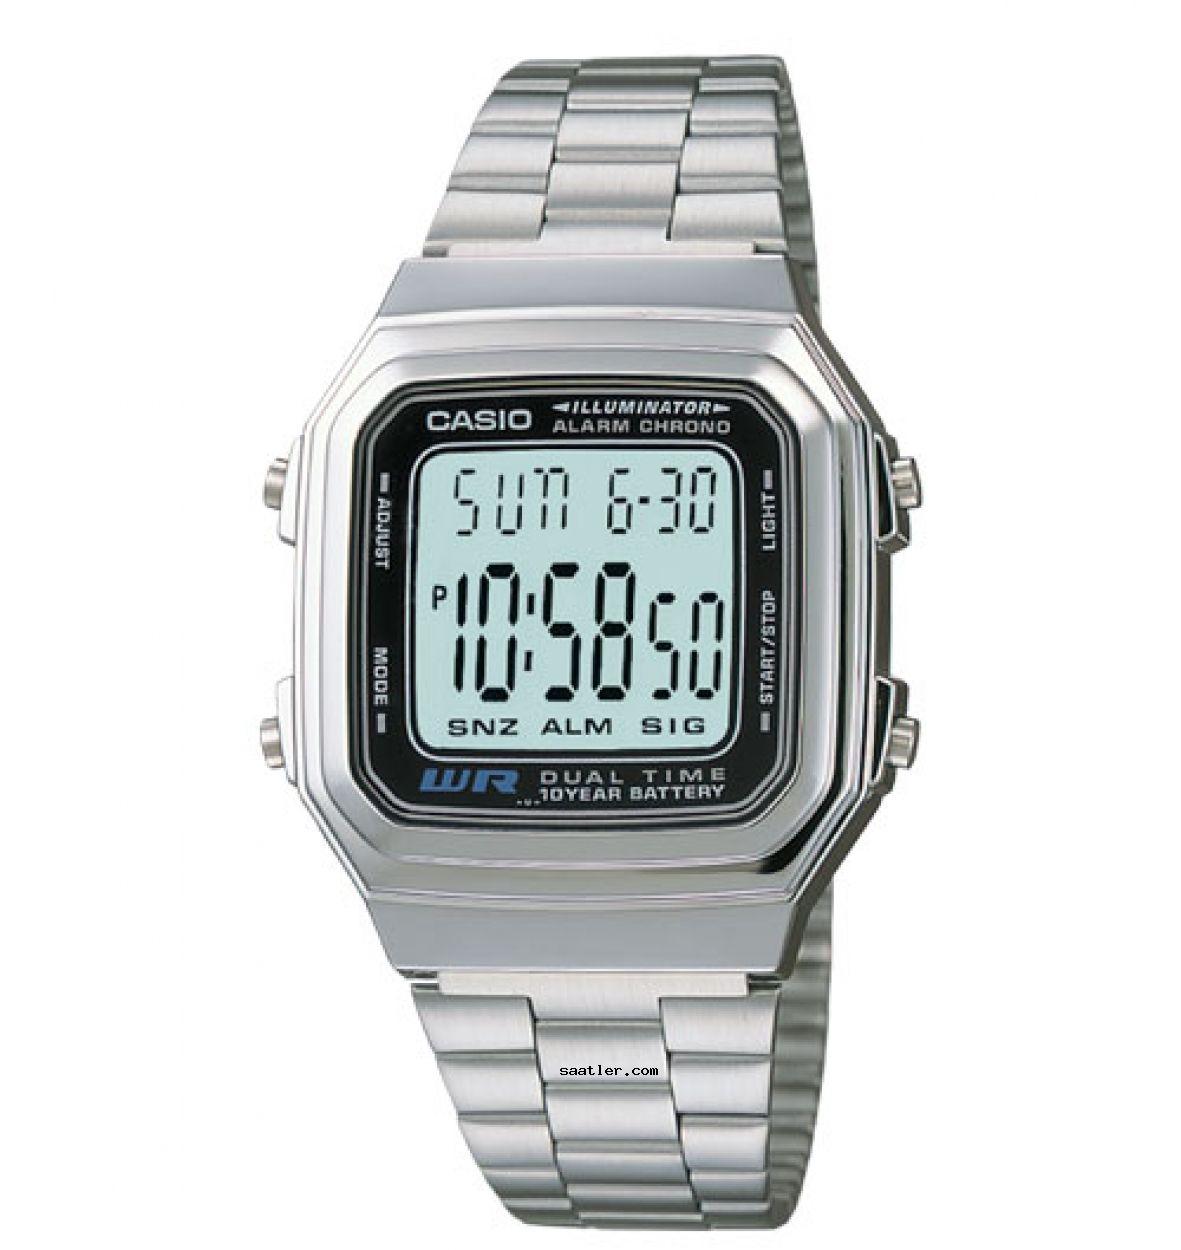 Casio Retro A178wa 1adf Kol Saati Casio Digital Casio Watch Casio